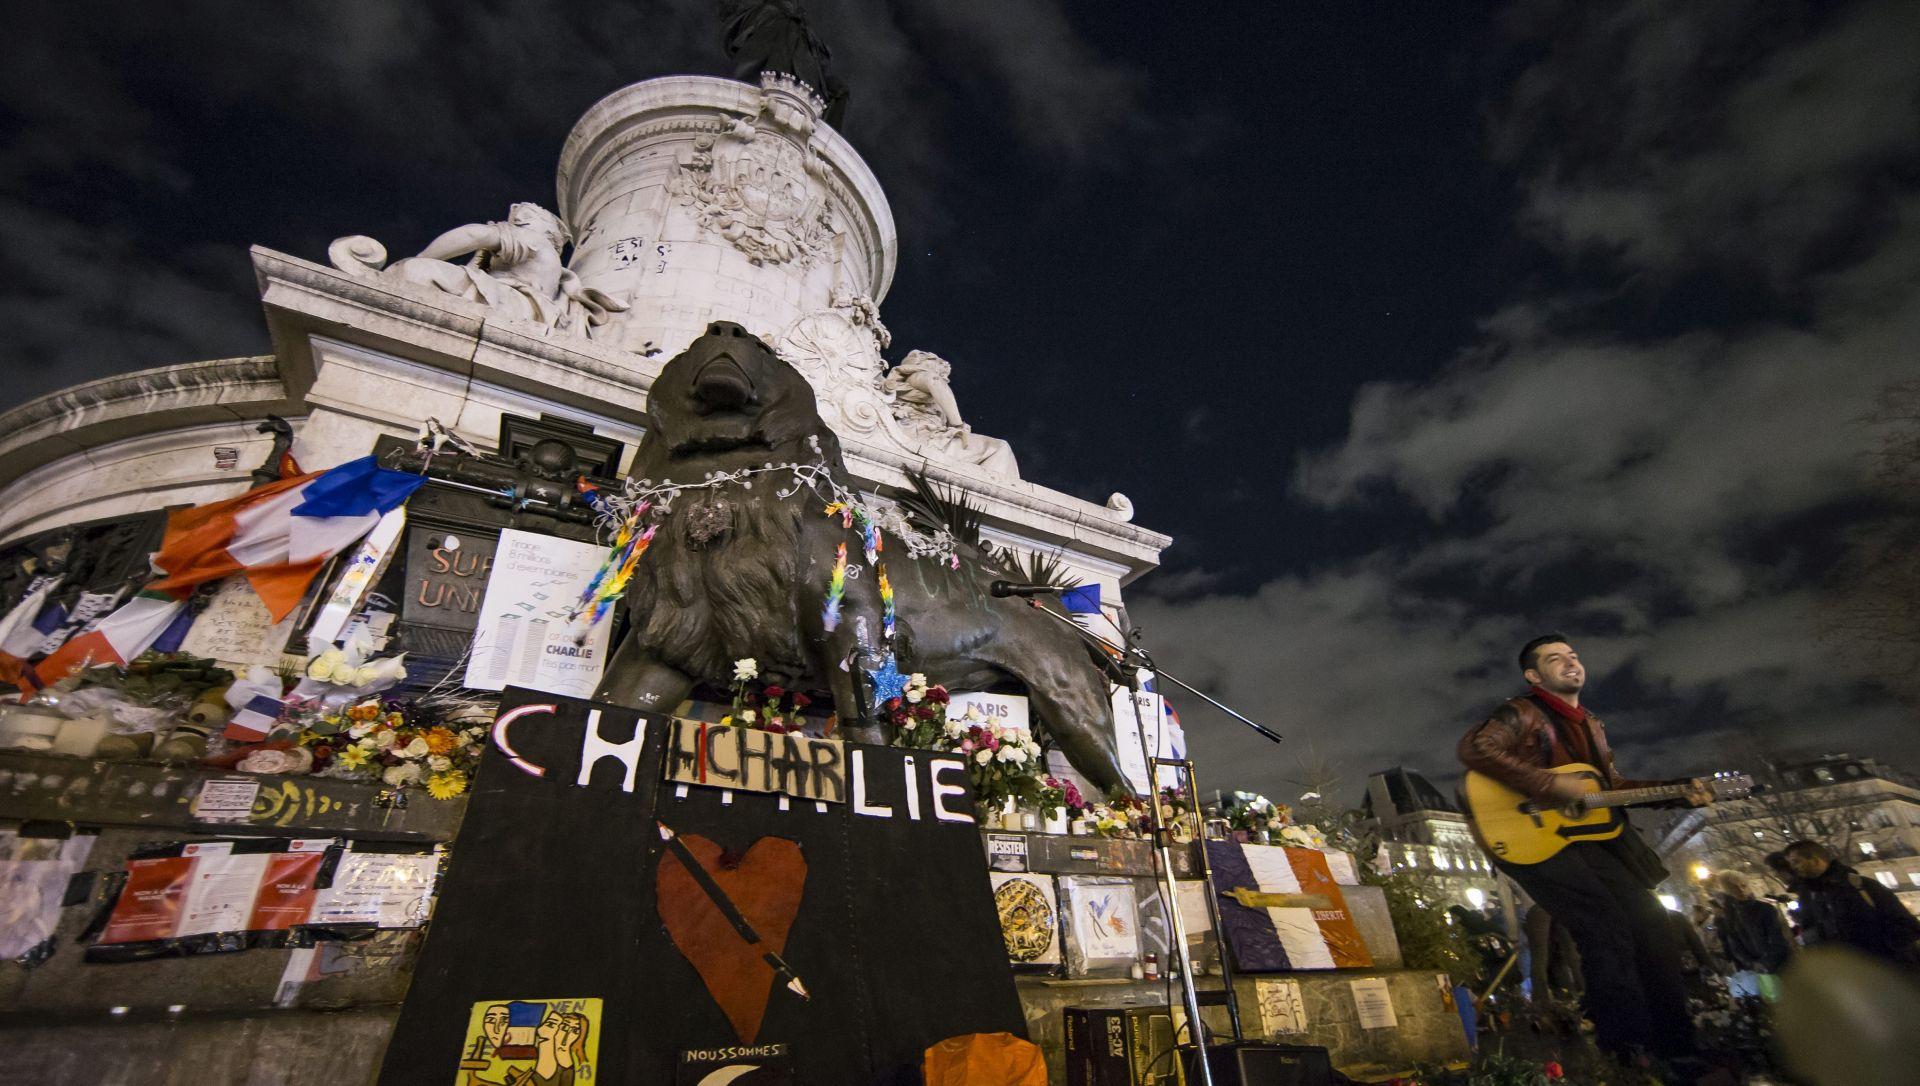 Napad na Charlie Hebdo: Policajcima i novinaru sudit će se jer su prerano objavili identitet napadača